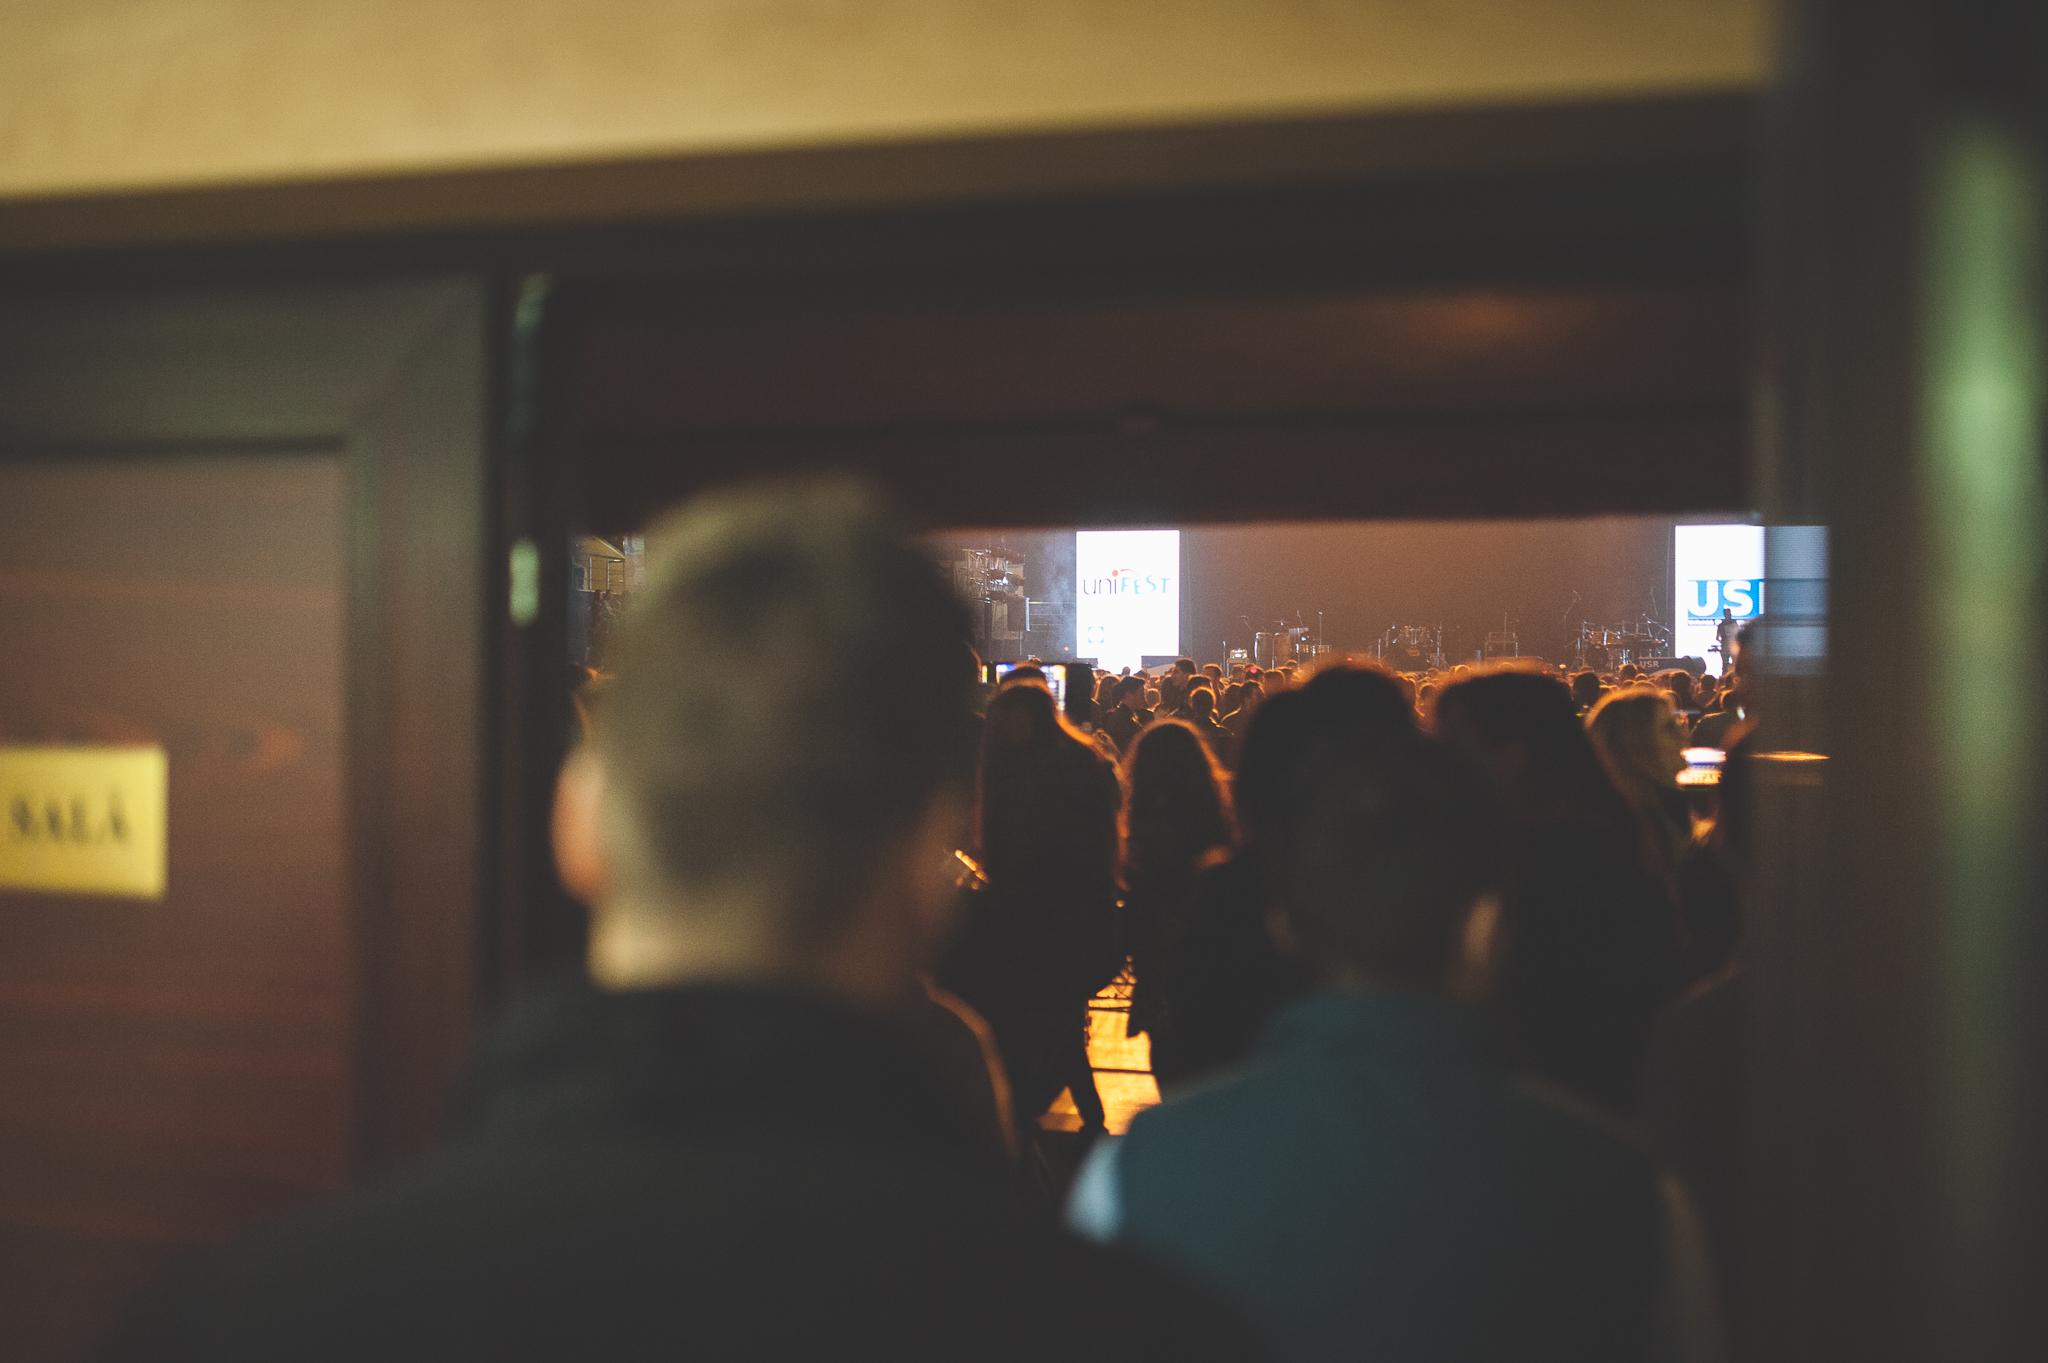 concert-vunk-unifest-low-res-15.jpg